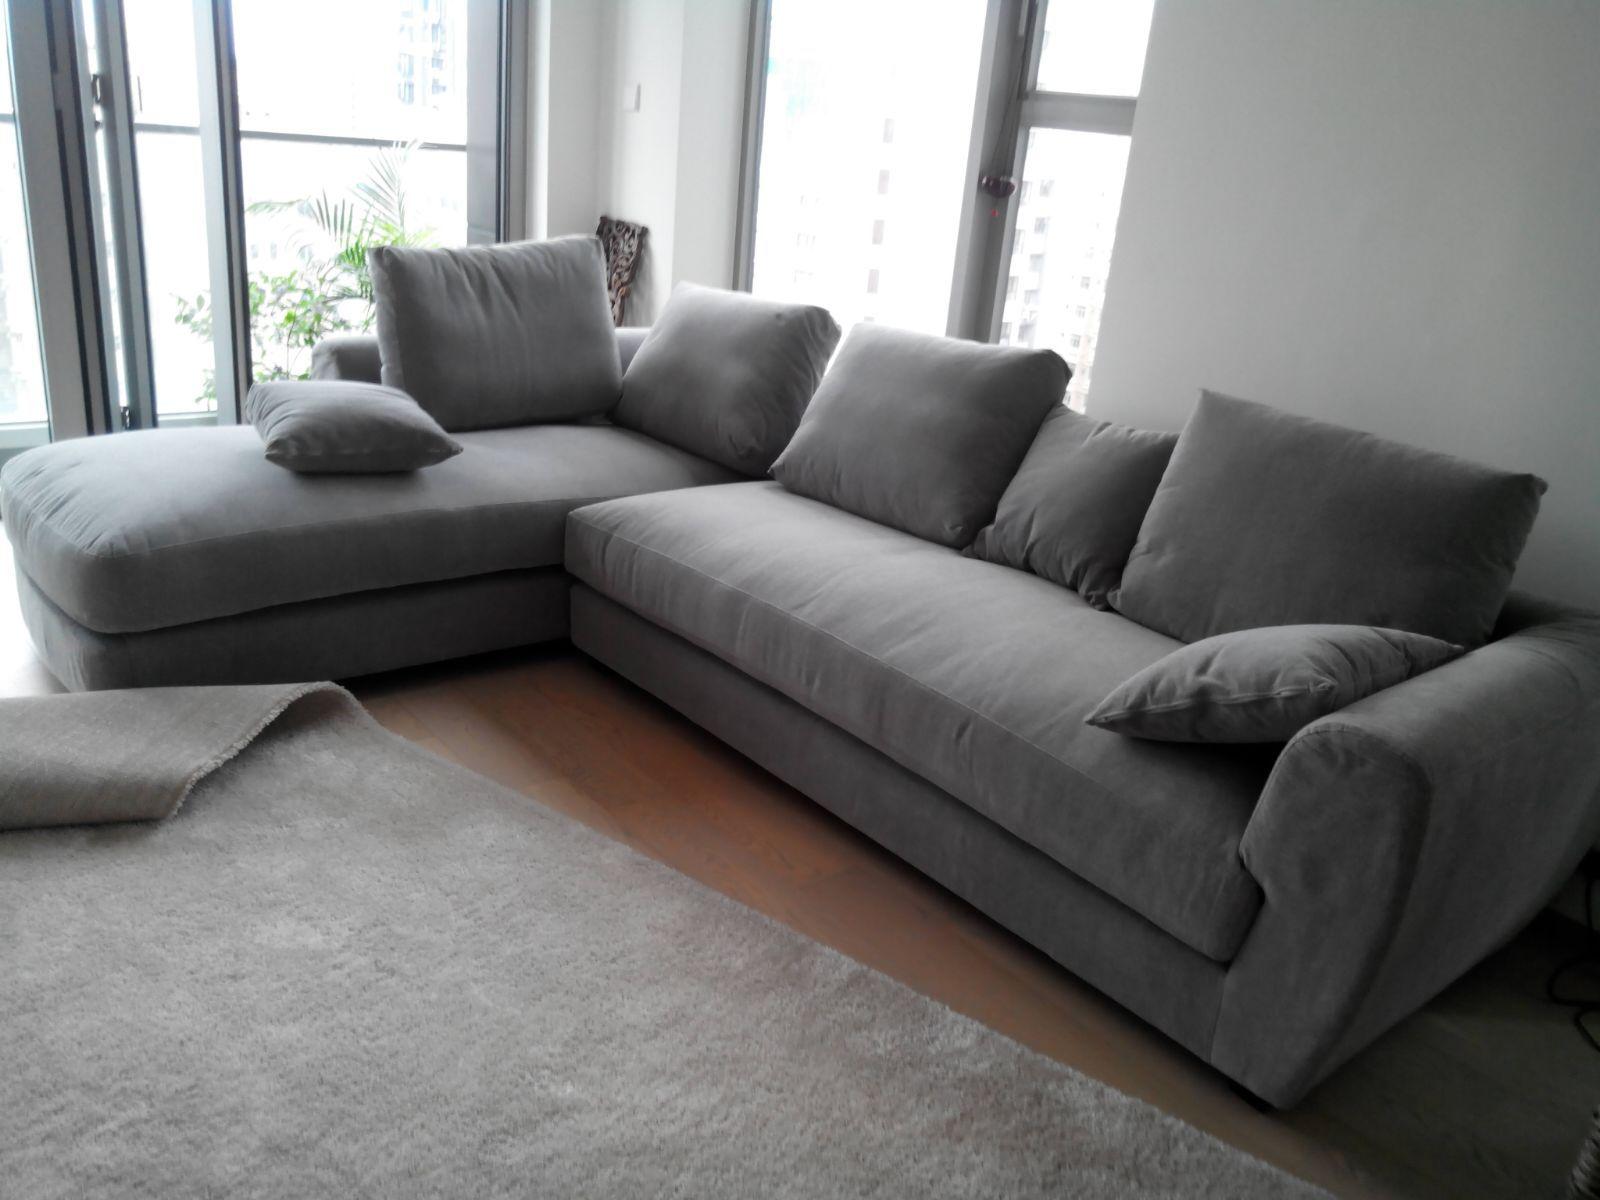 Medlano Microfibre Sectional Sofa 7010 Fabric Sofas